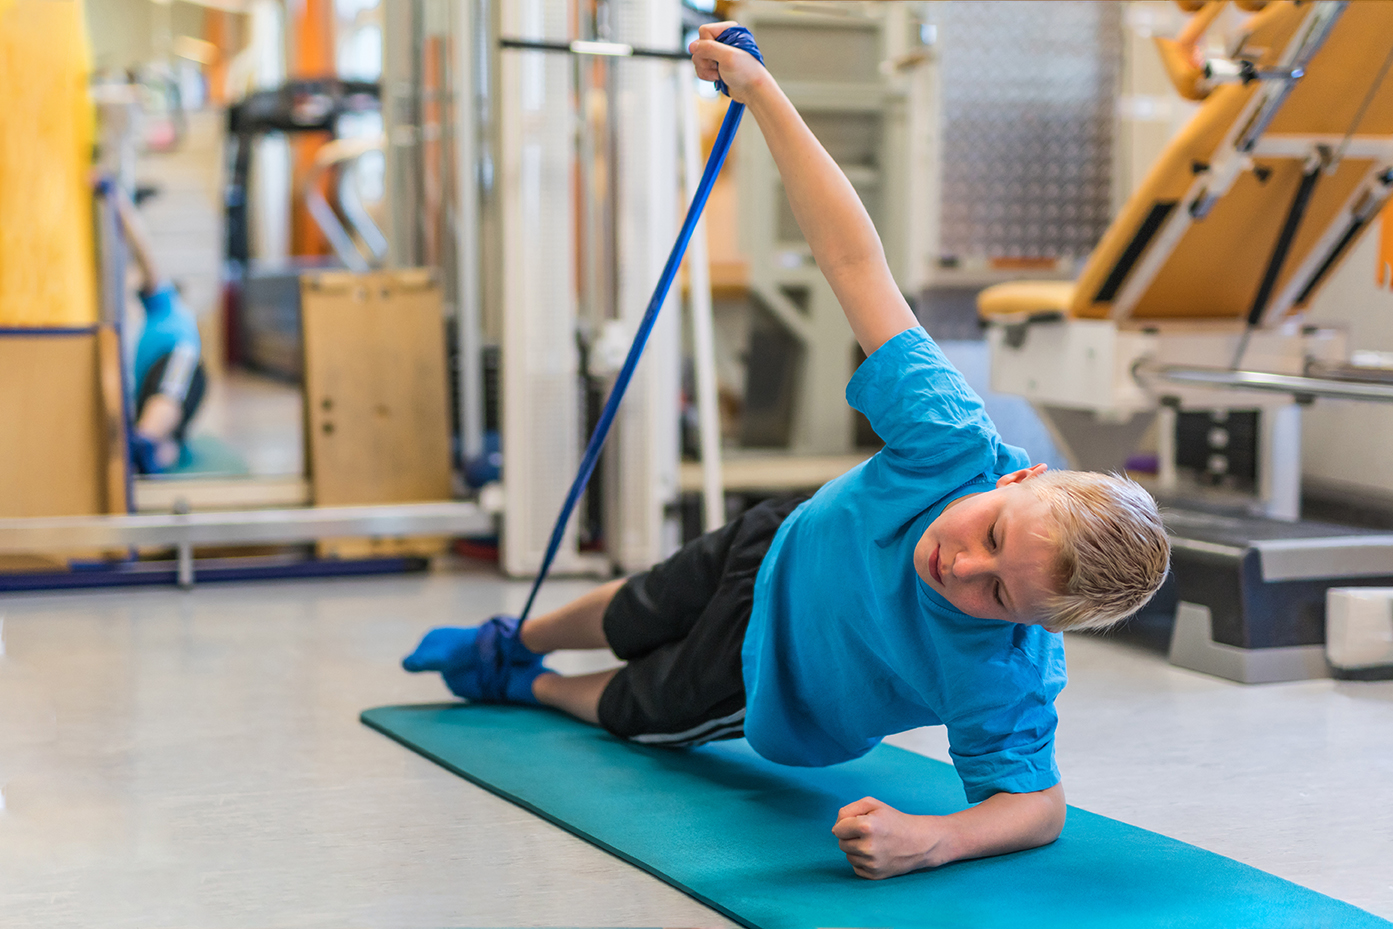 Kind bei der Physiotherapie trainiert mit einem Physiotape auf e